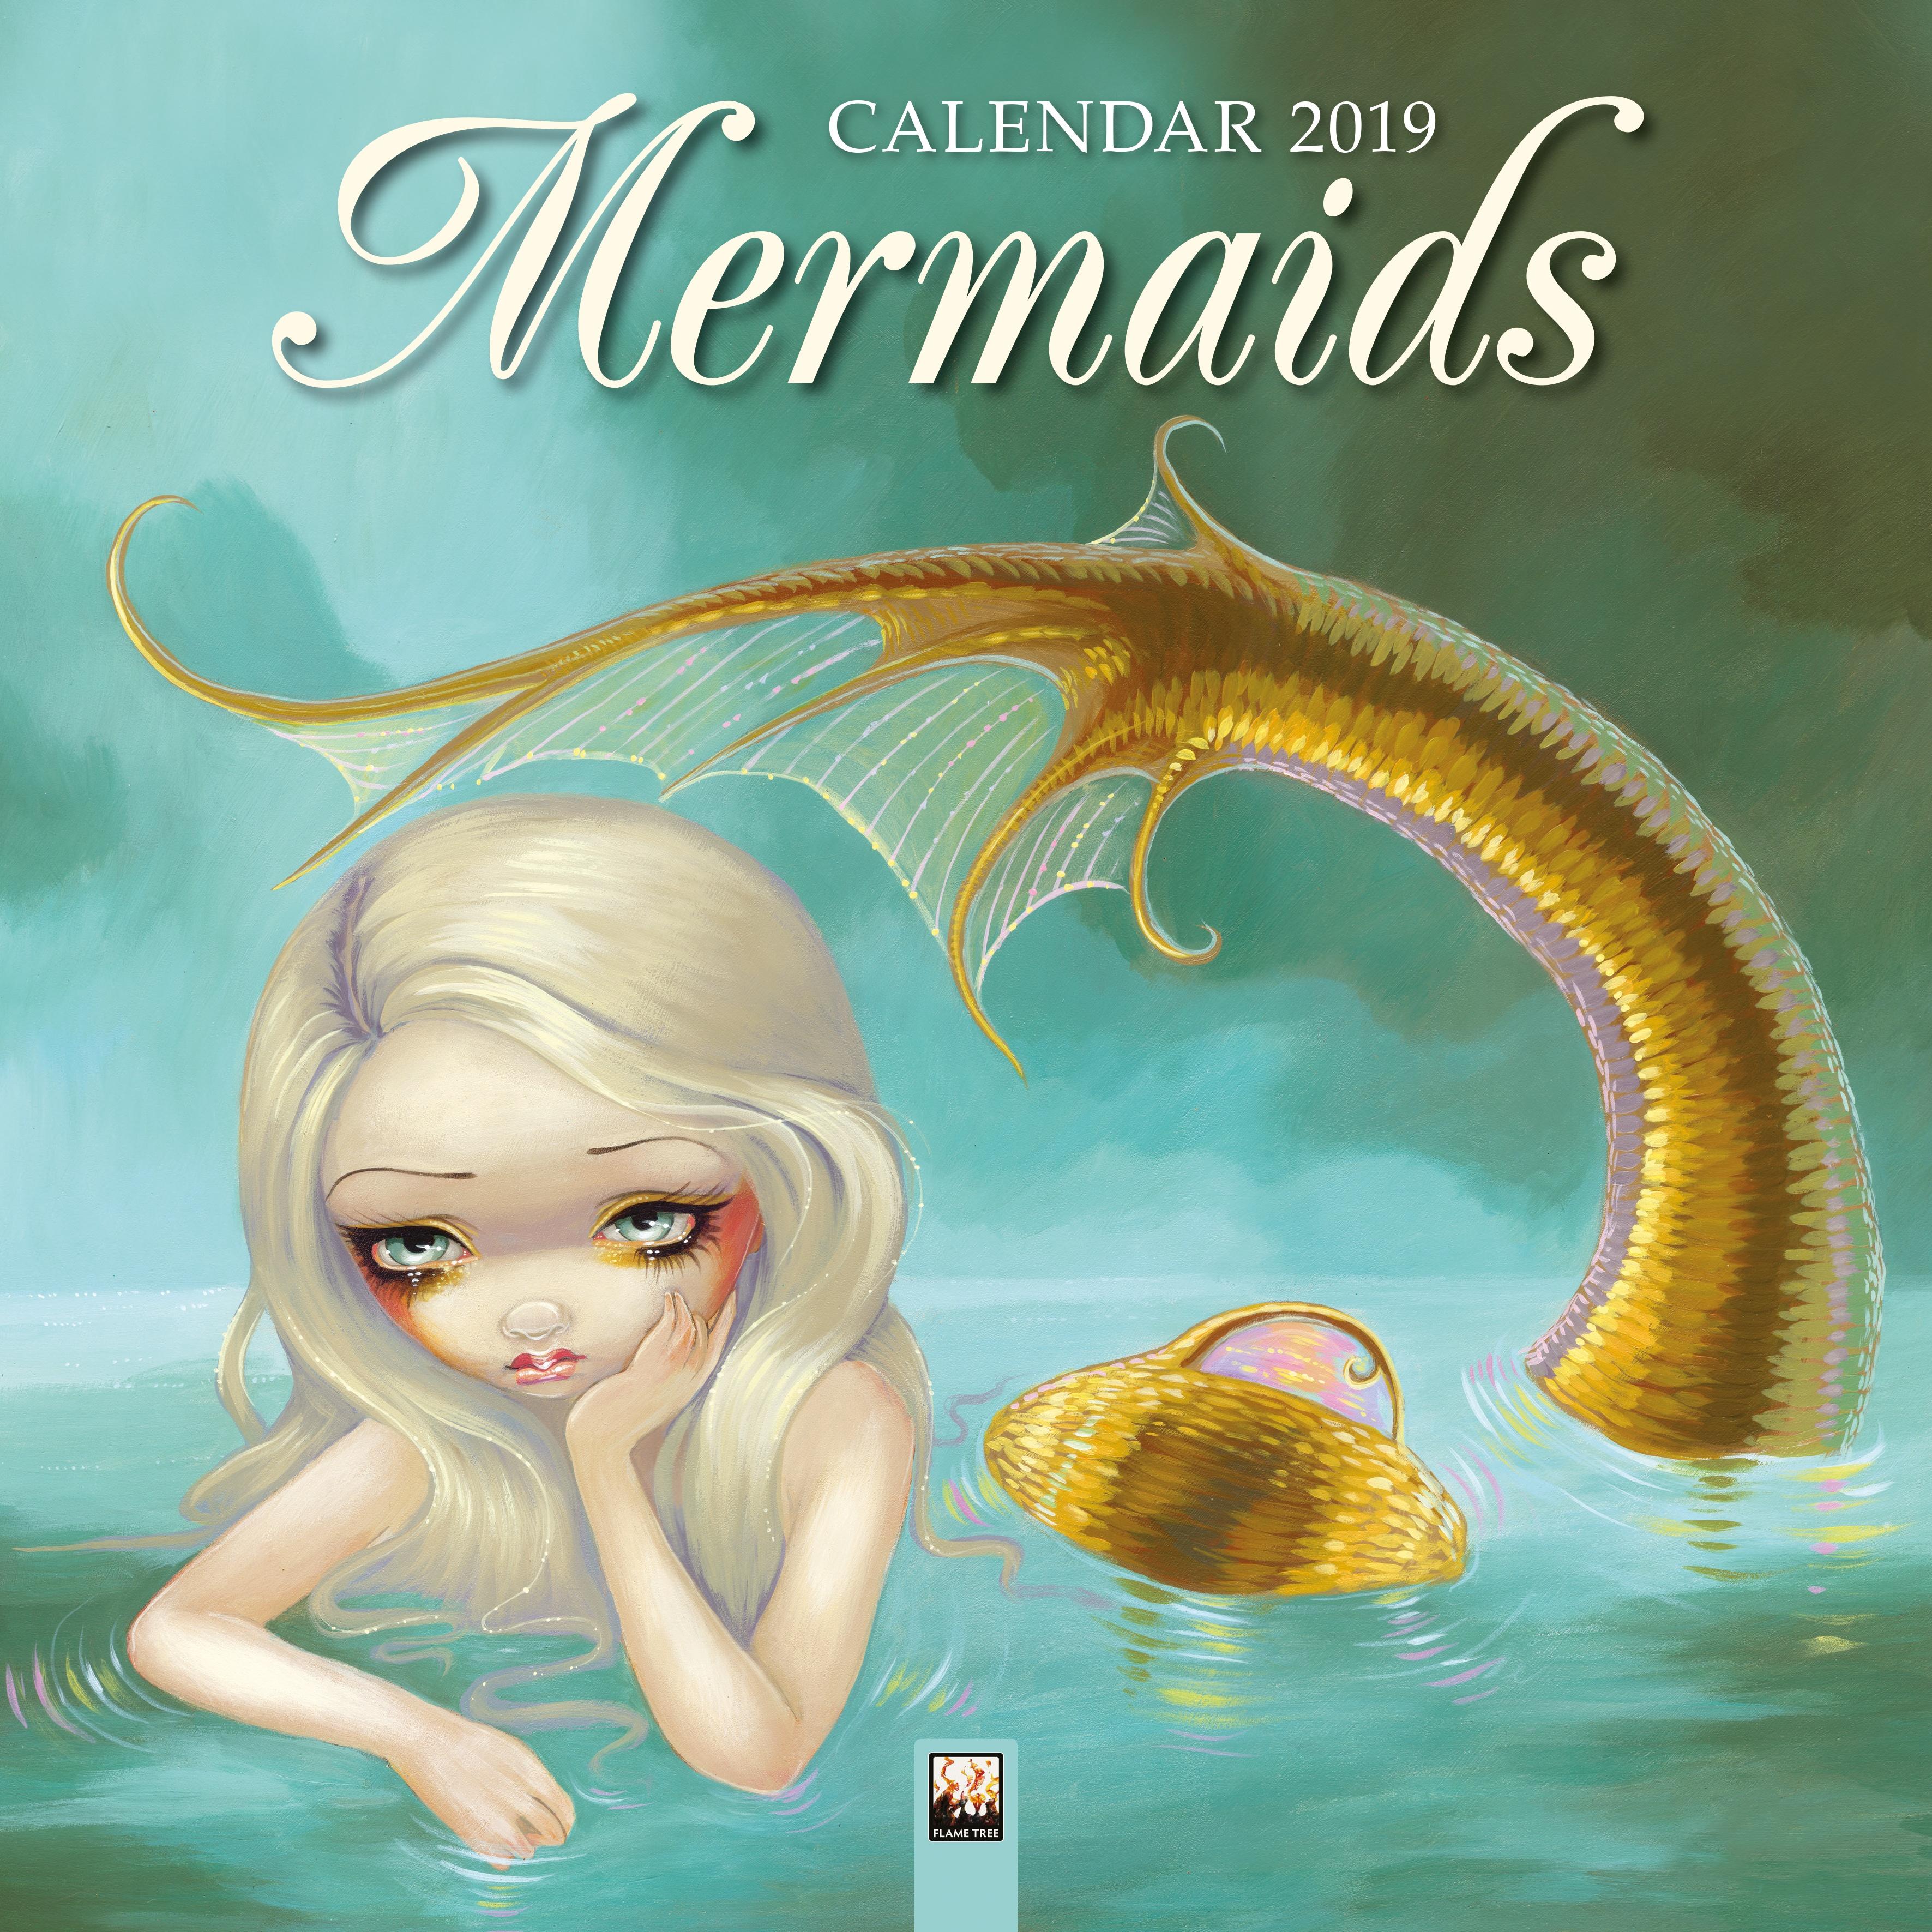 FT2019-62-Mermaids-front